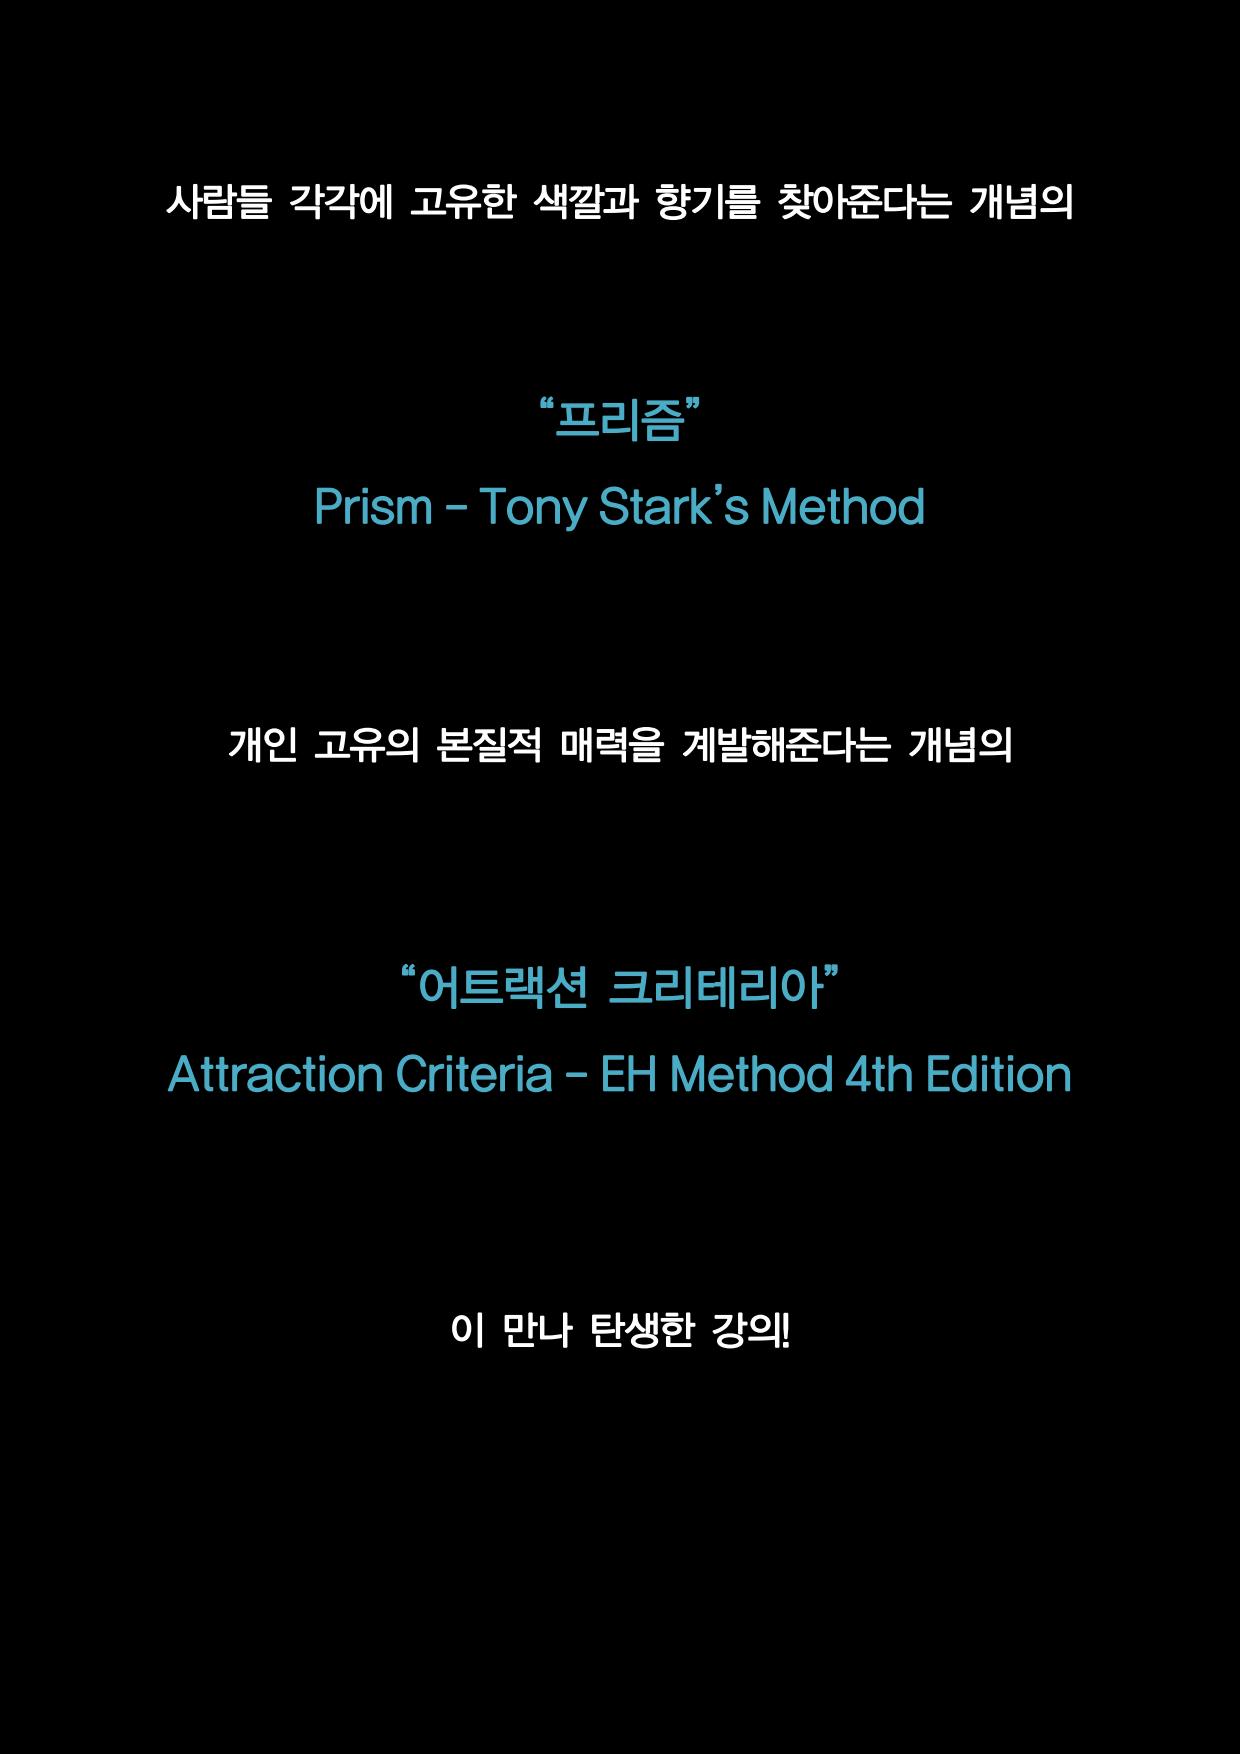 본 머티리어 1회차 홍보글 v3(수강후기 따로 편집요함)_05.png